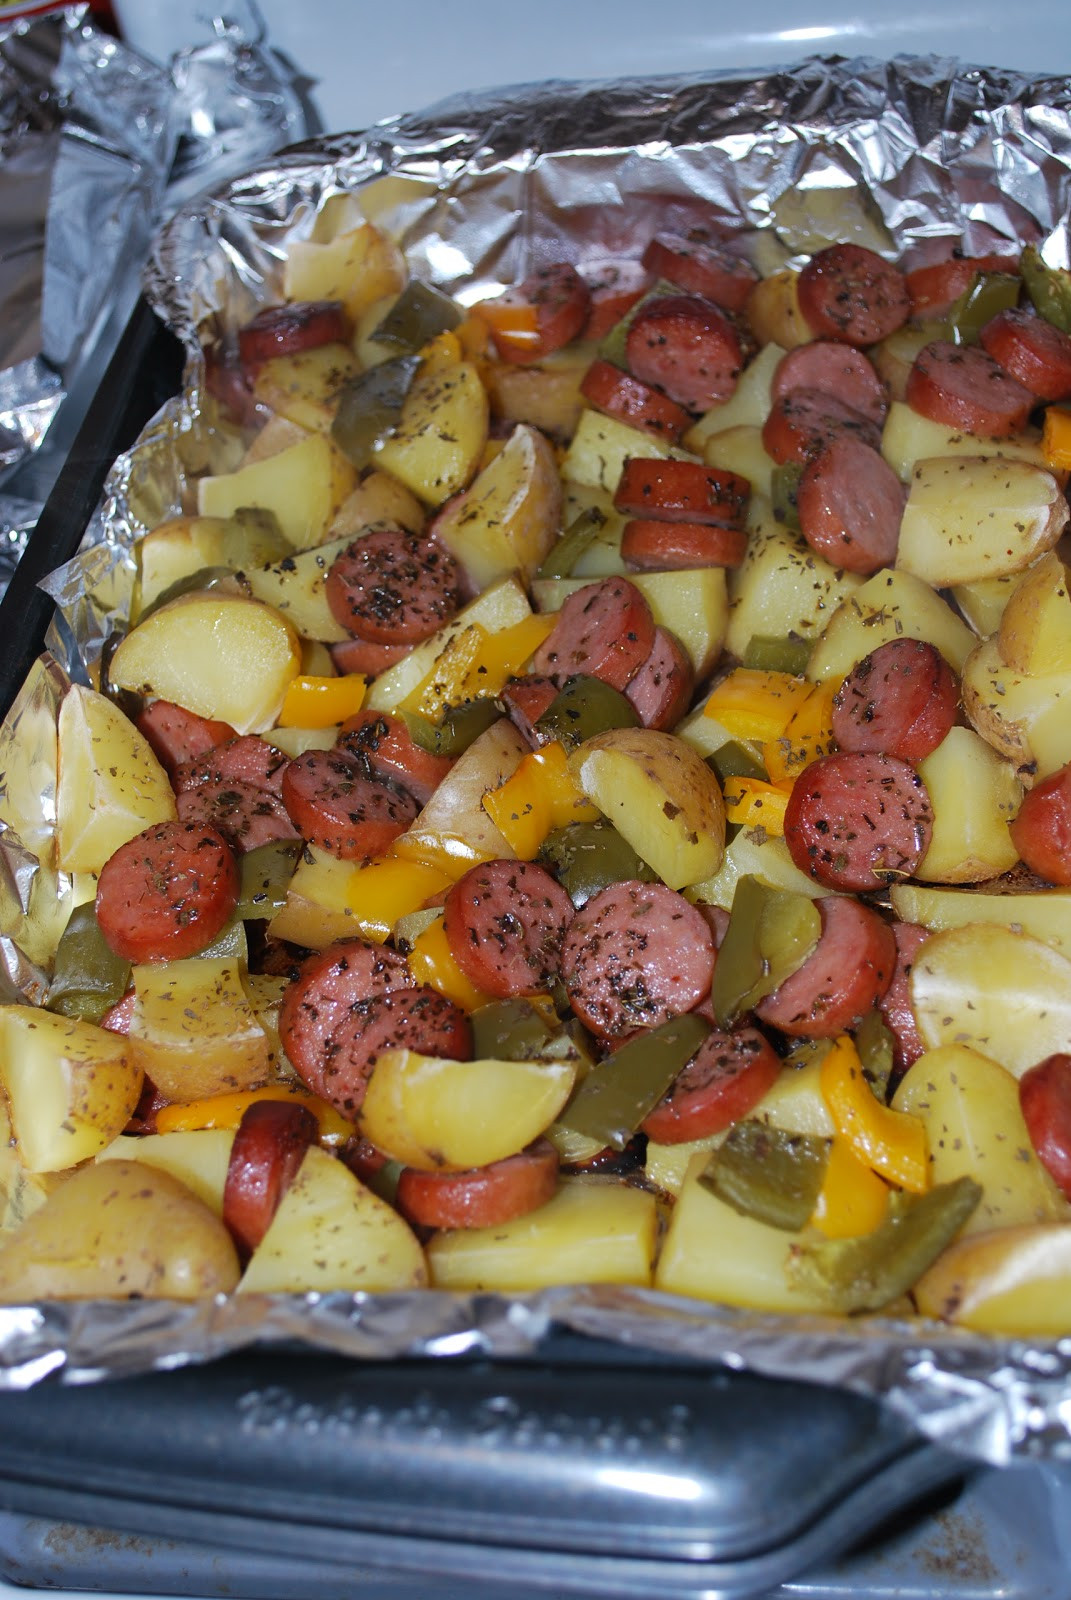 Sausage And Potato Casserole  Chicago Foo Sisters Smoked sausage and potato bake